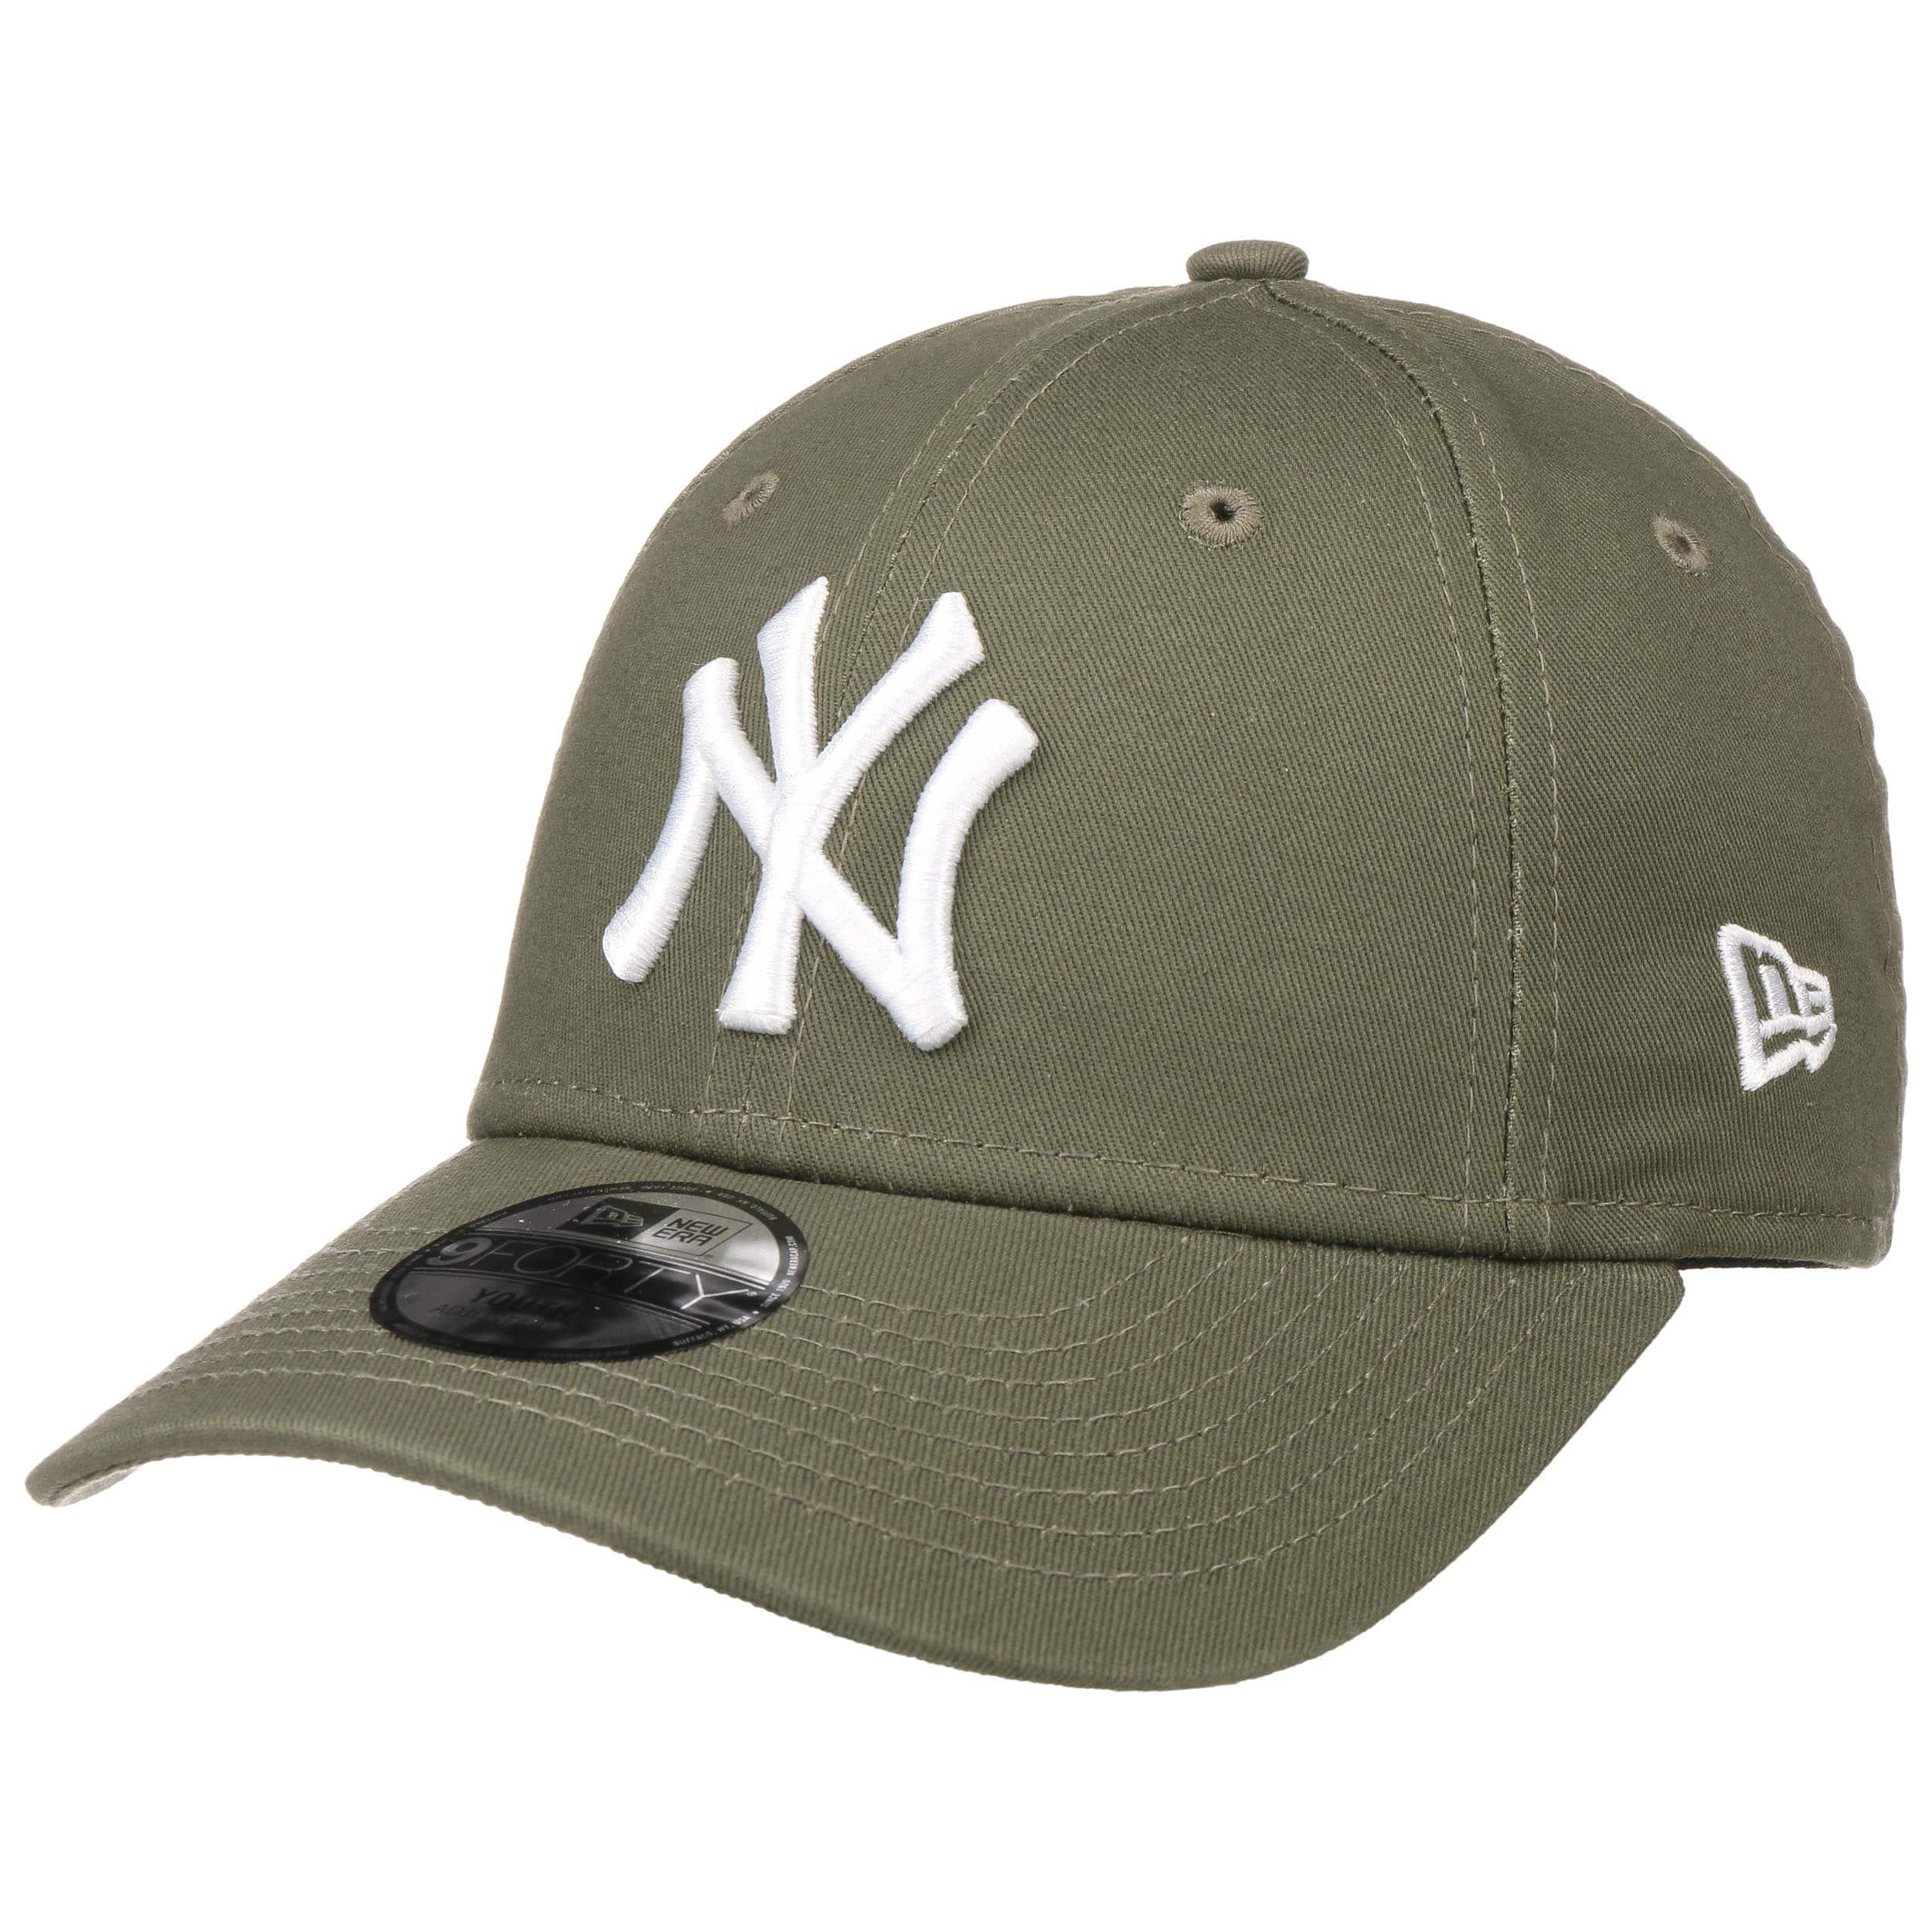 ... Cappellino da Bambino 9Forty League NY by New Era - oliva 2 ... 92f74c10cfd7